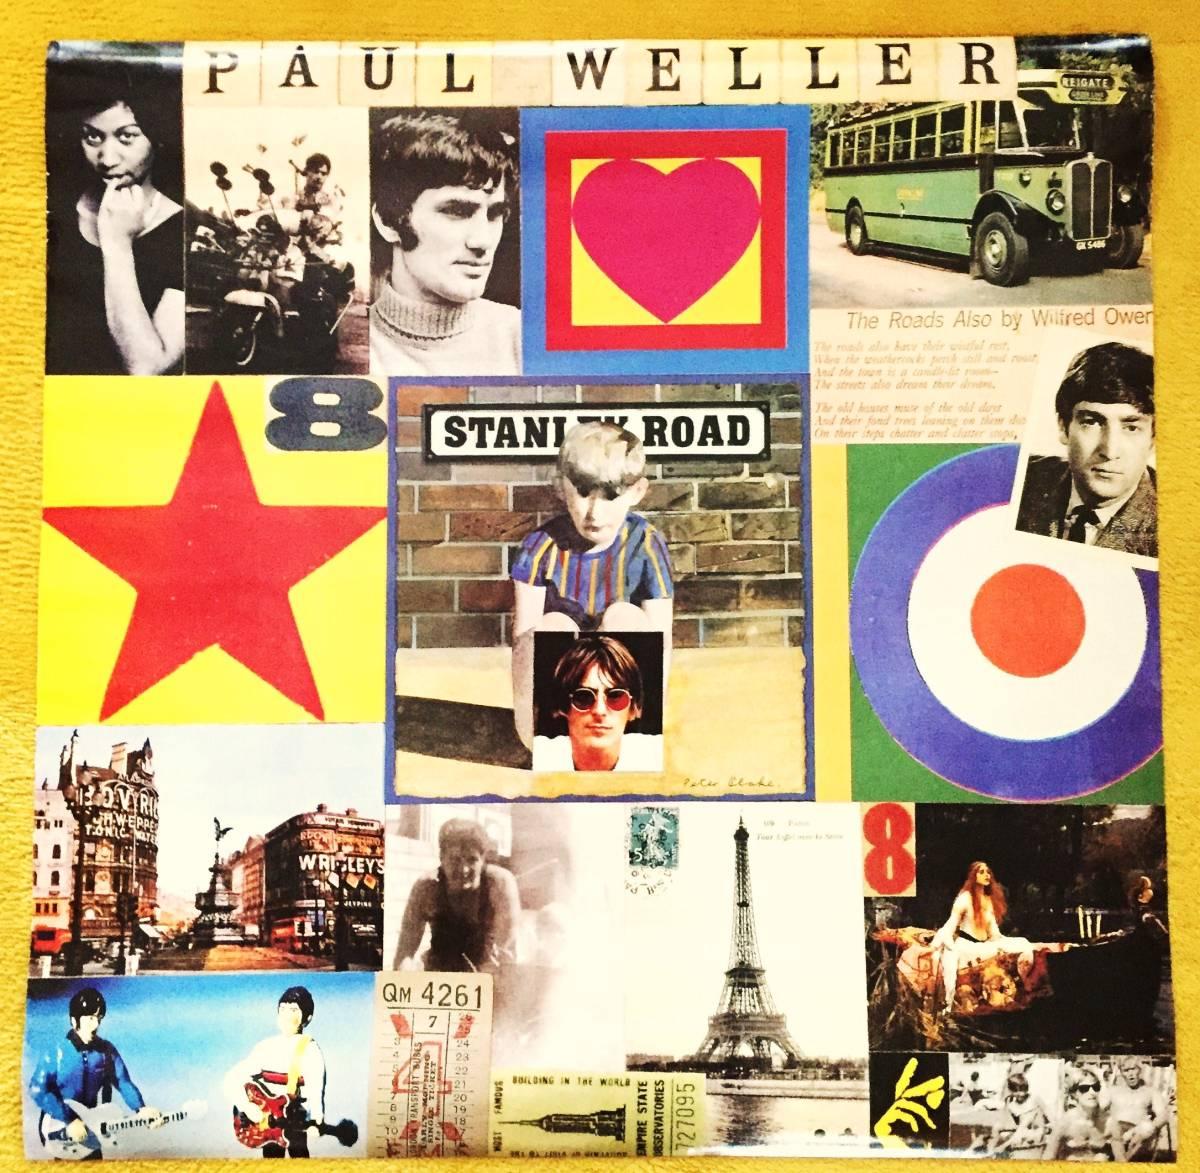 ●未使用/95年UK製ポスター ポール・ウェラー/PAUL WELLER/STANLEY ROAD ビートルズ/ピーター・ブレイク